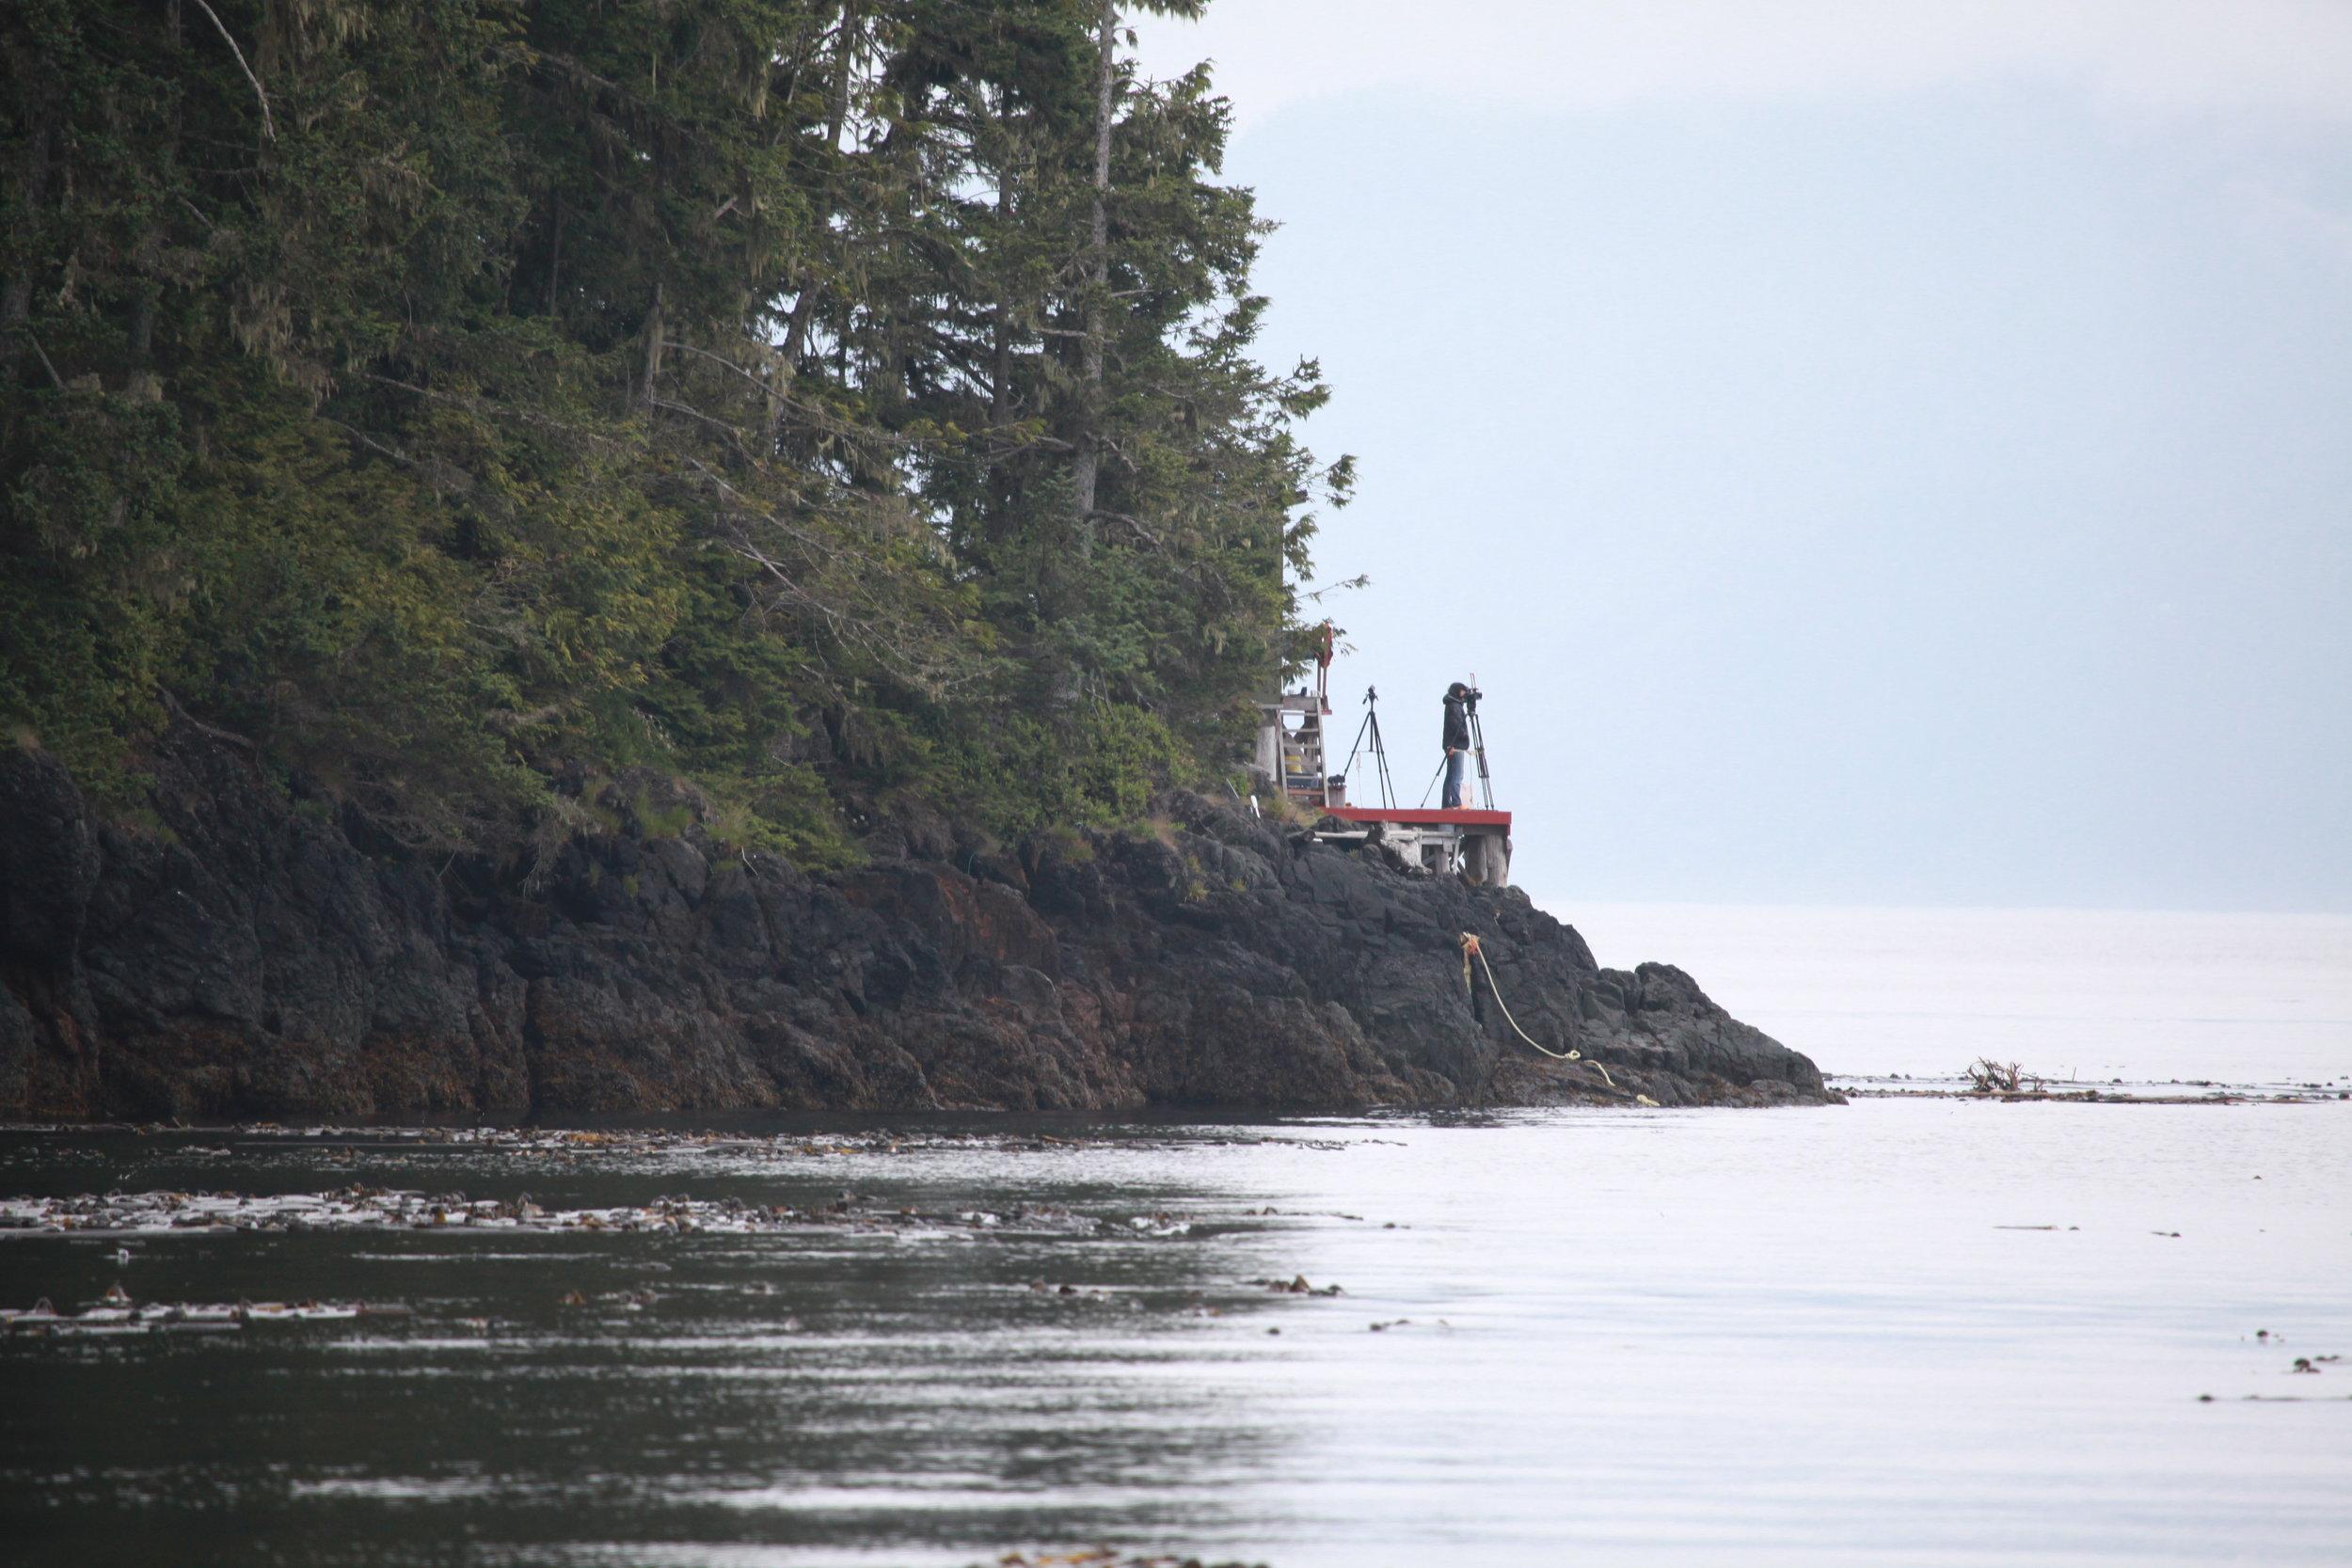 Cracroft Point: orca-live.com webcam